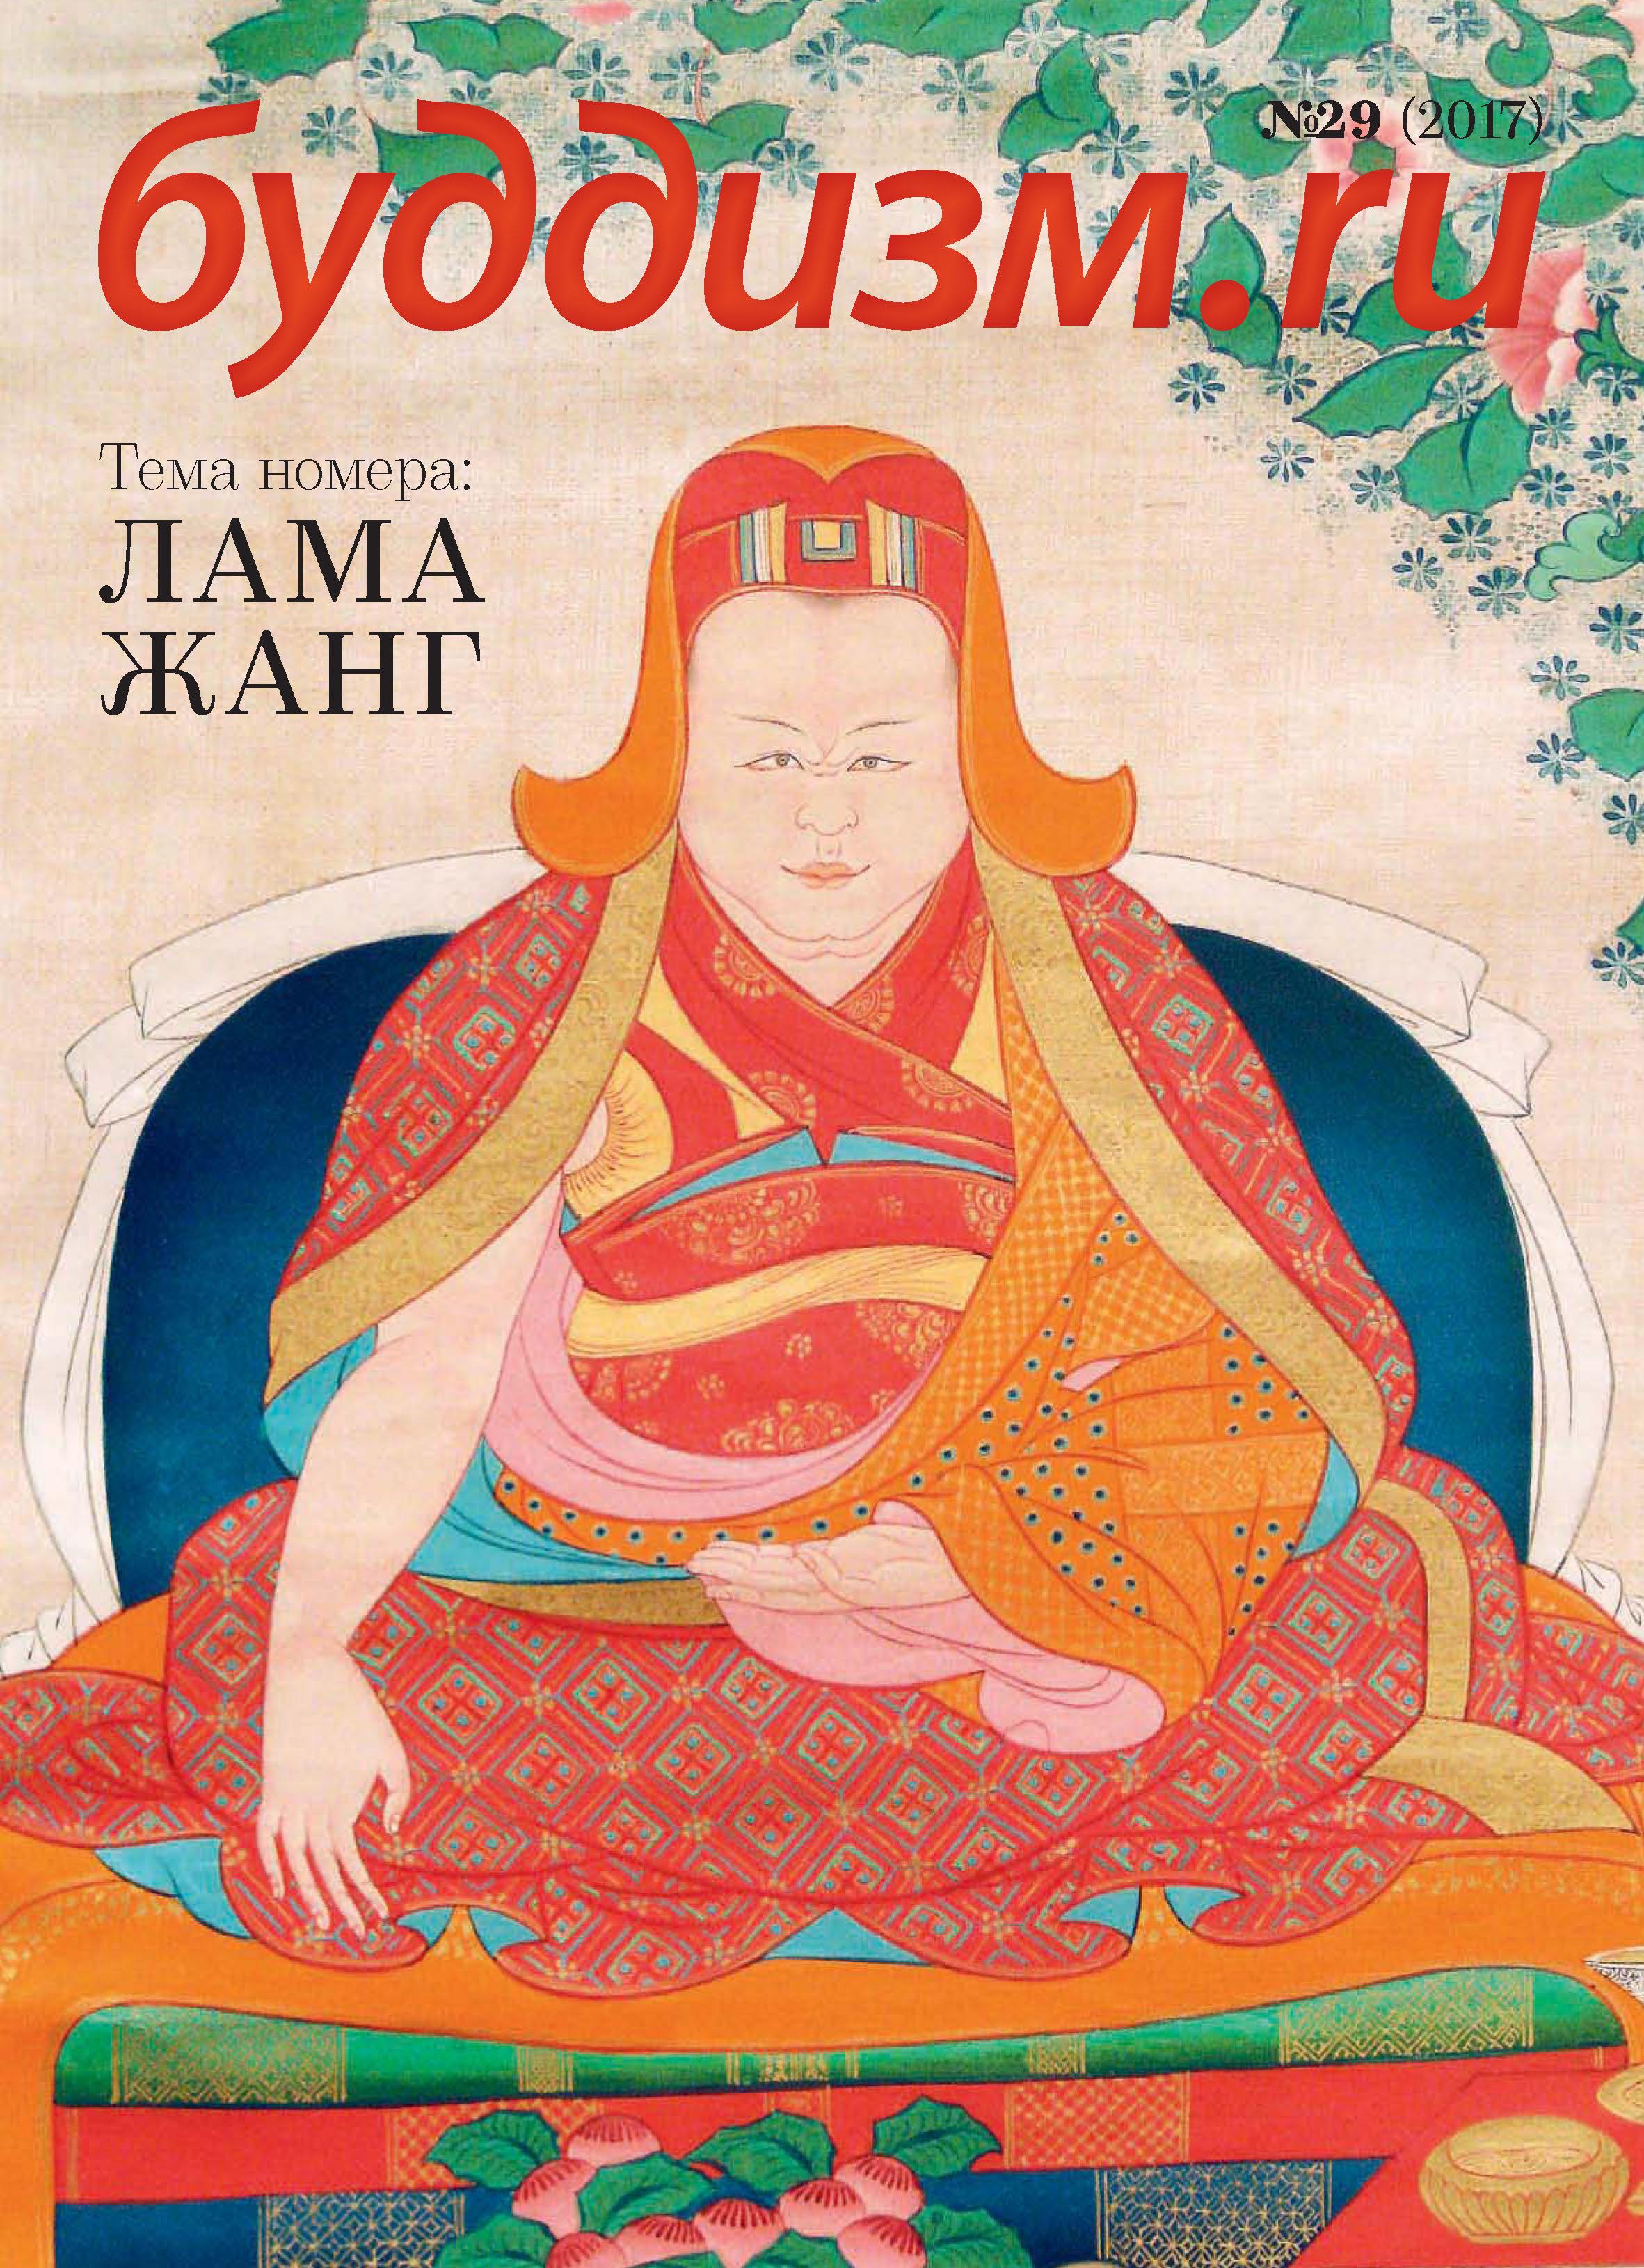 Отсутствует Буддизм.ru №29 (2017) открытие алмазного пути тибетский буддизм встречается с западом